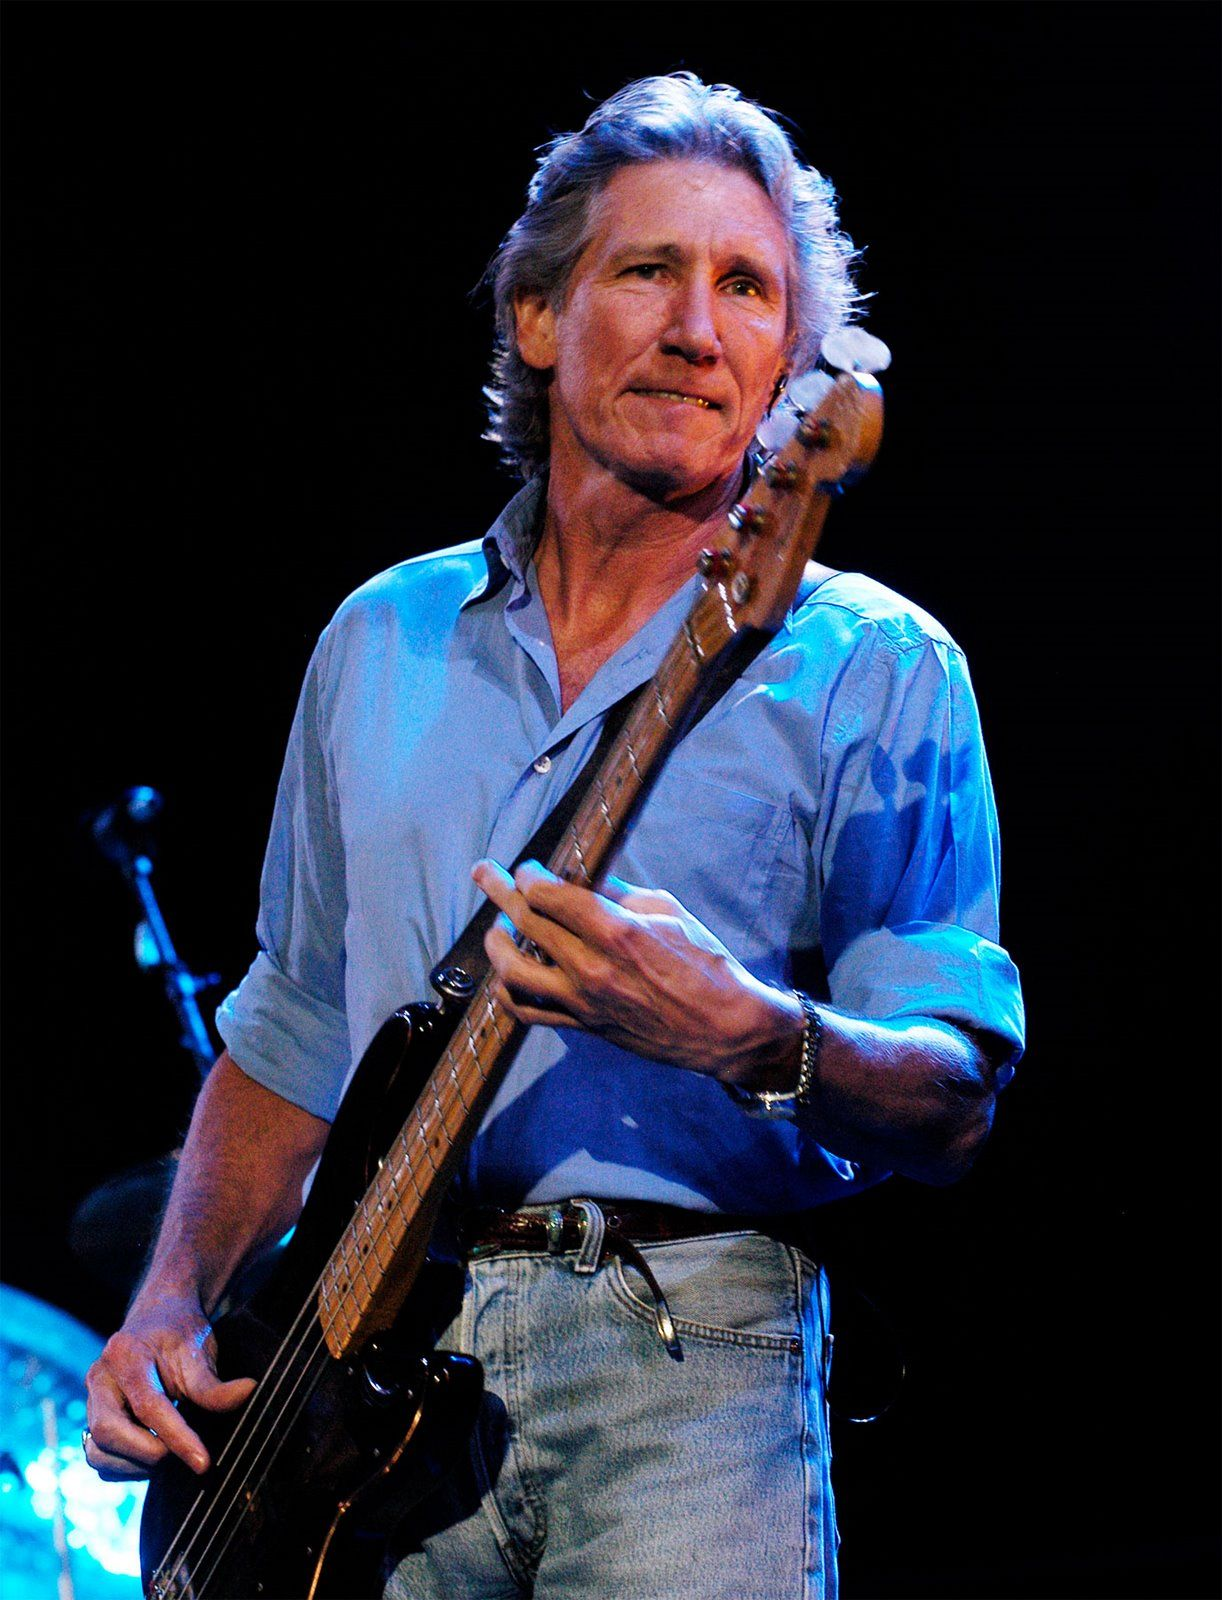 Buon compleanno Roger Waters...- In ogni momento puoi prendere in mano le tue briglie e dirigere la tua sorte. Preparati ad alzarti in piedi e vivi la vita con autenticità. *** Una persona non diventa Eric Clapton solo perché ha una chitarra Les Paul. Non funziona così. ***